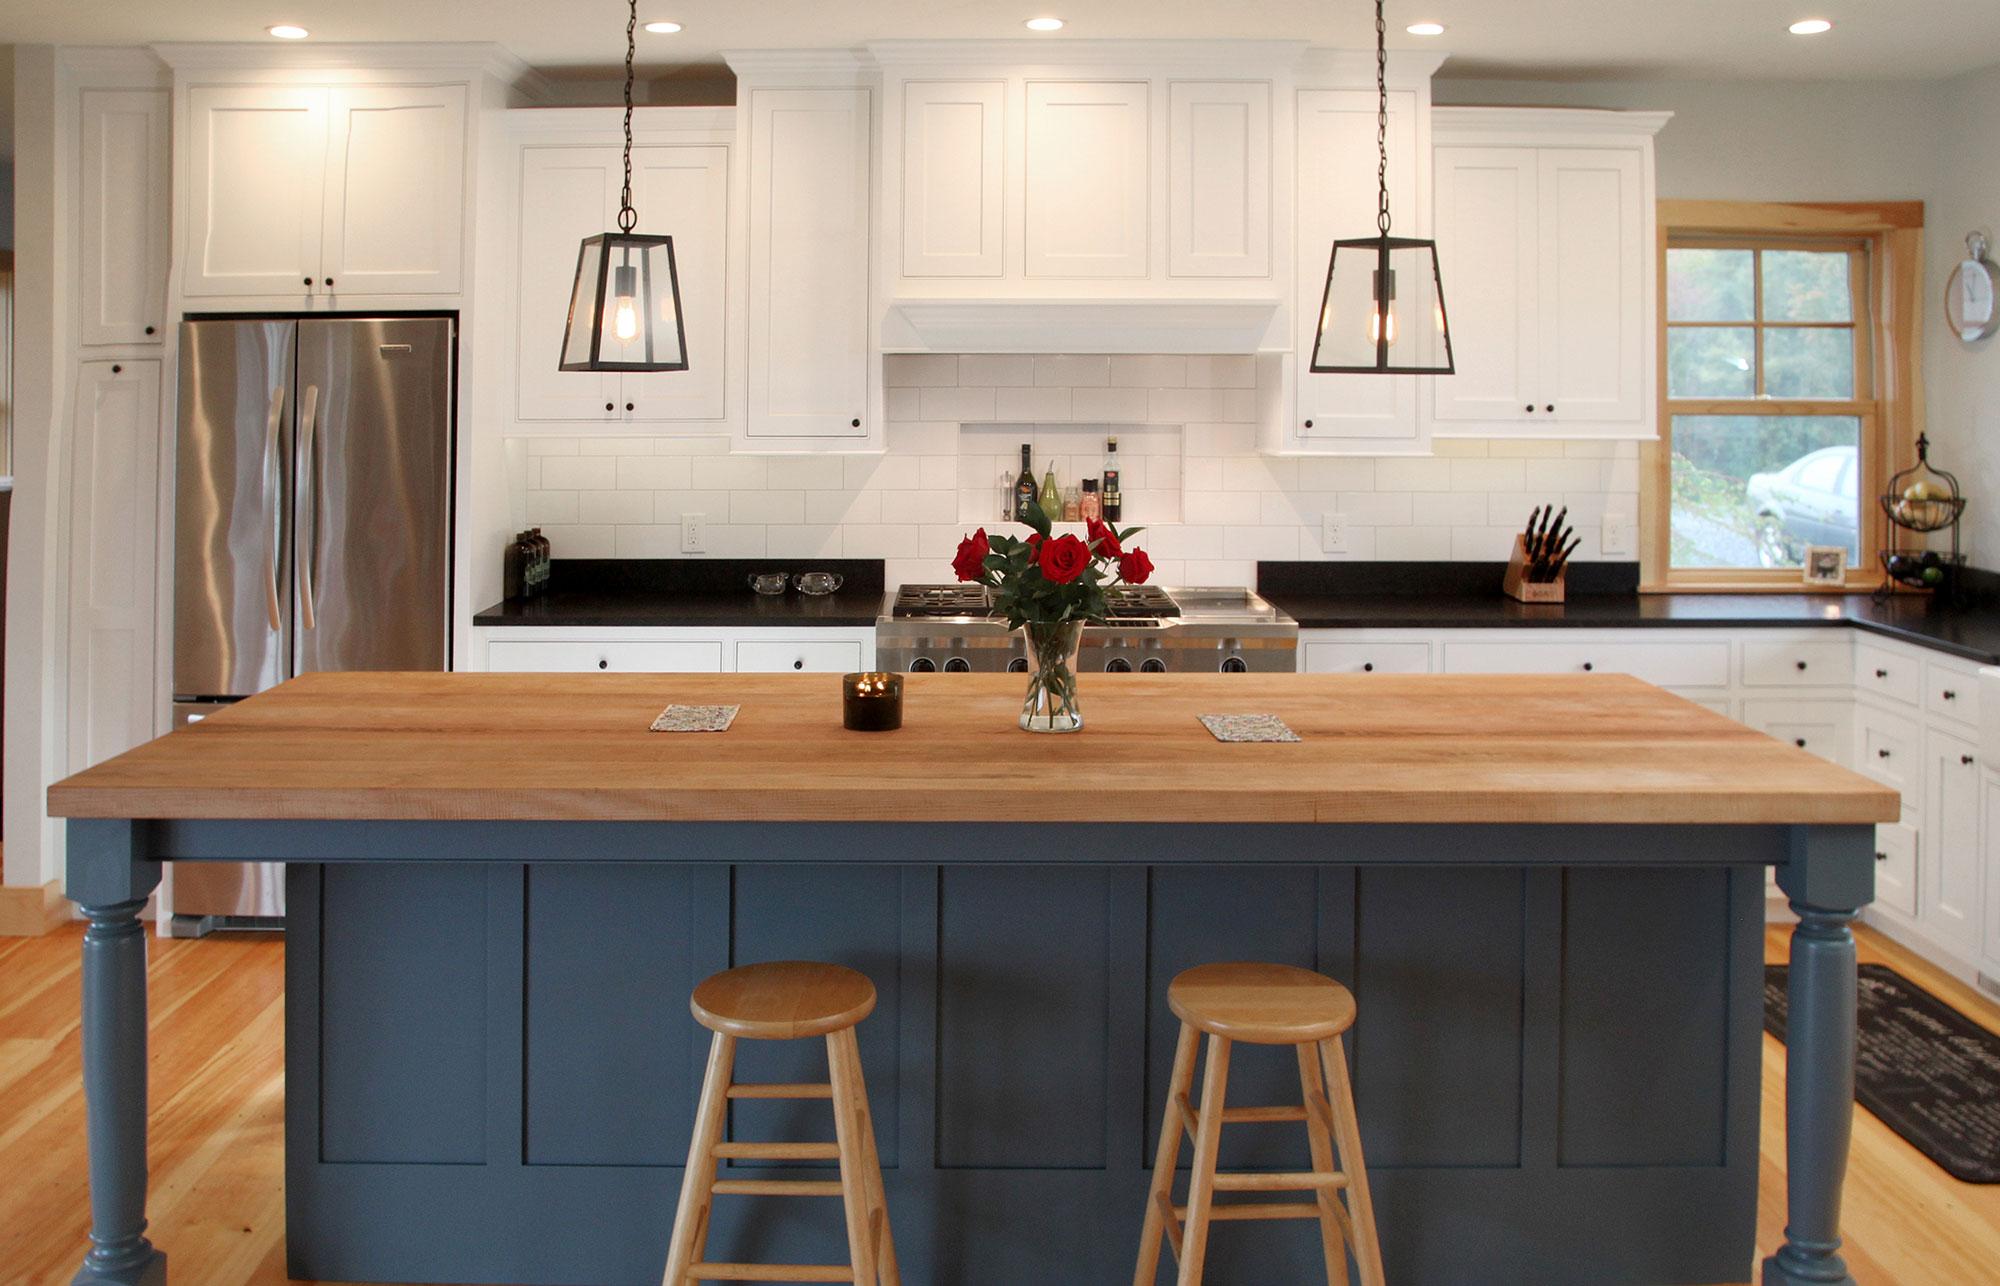 Contemporary White Kitchen - Award Winner - Named